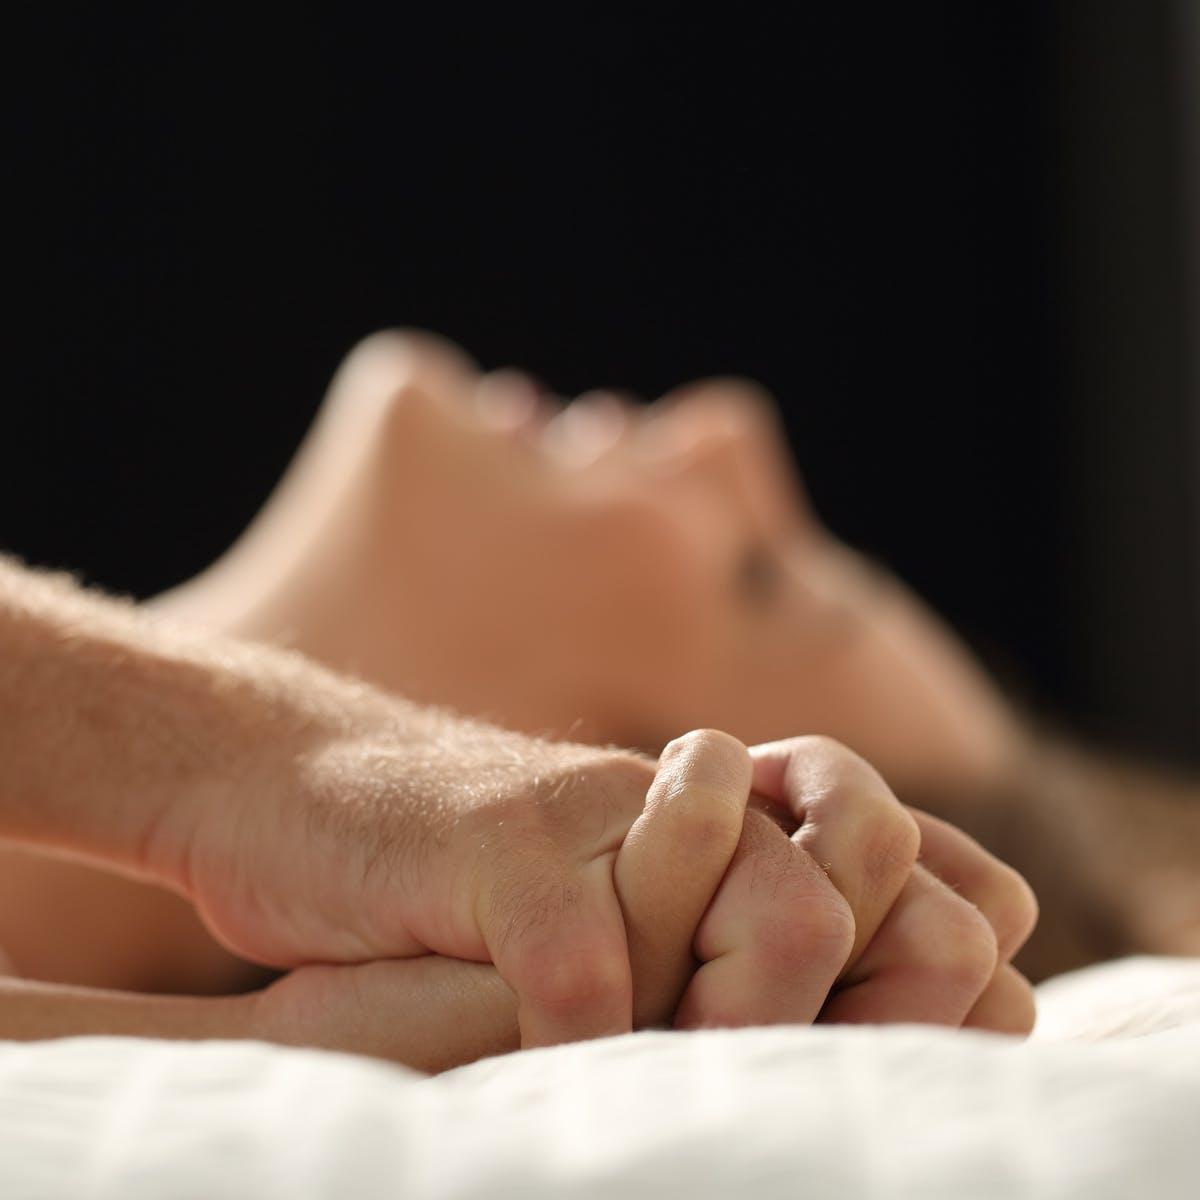 letargia az erekció során merevedéshez vezet és nem